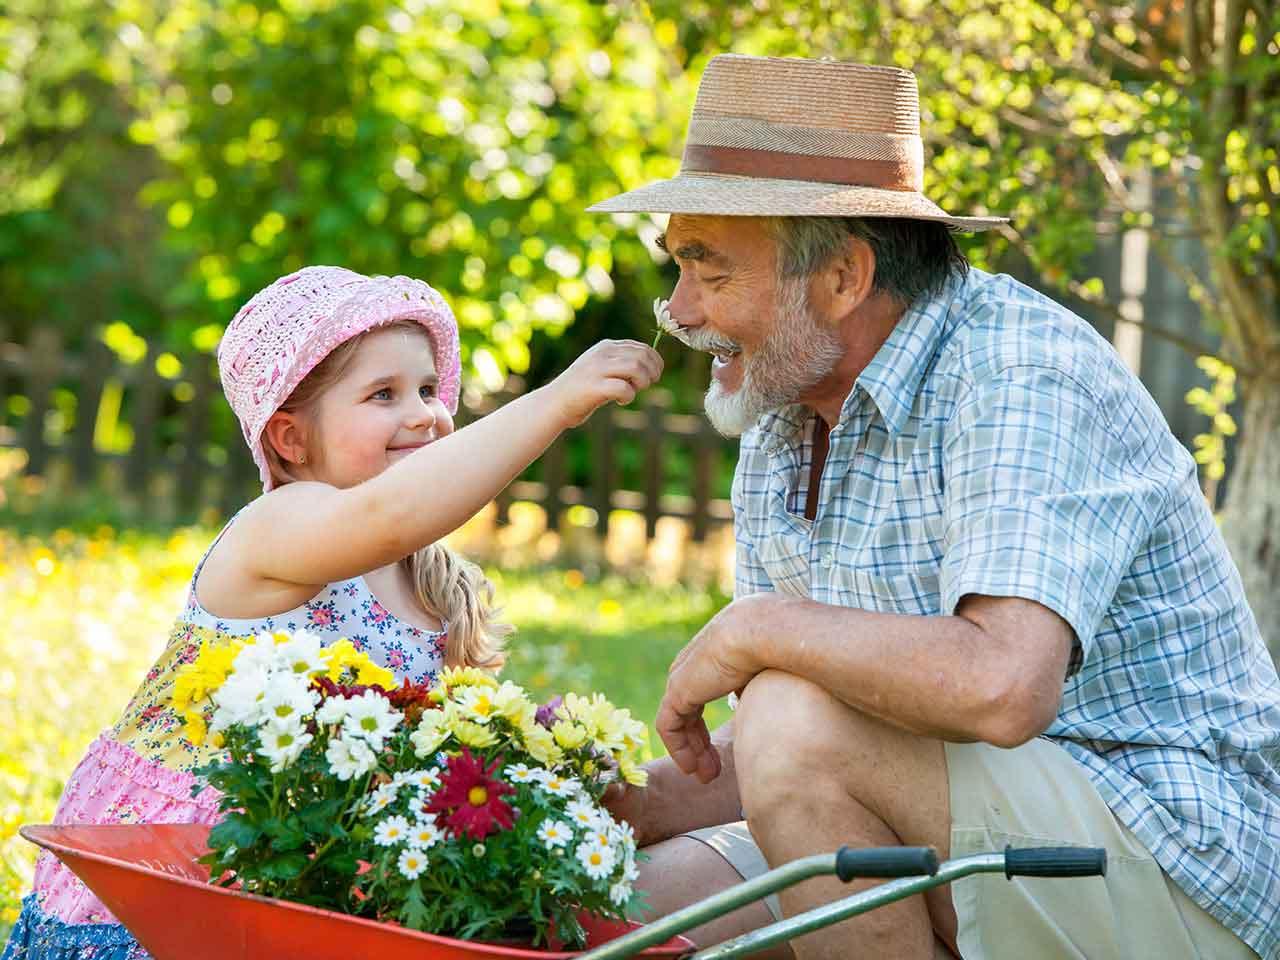 mùi hương ảnh hưởng đến sức khoẻ và suy nghĩ